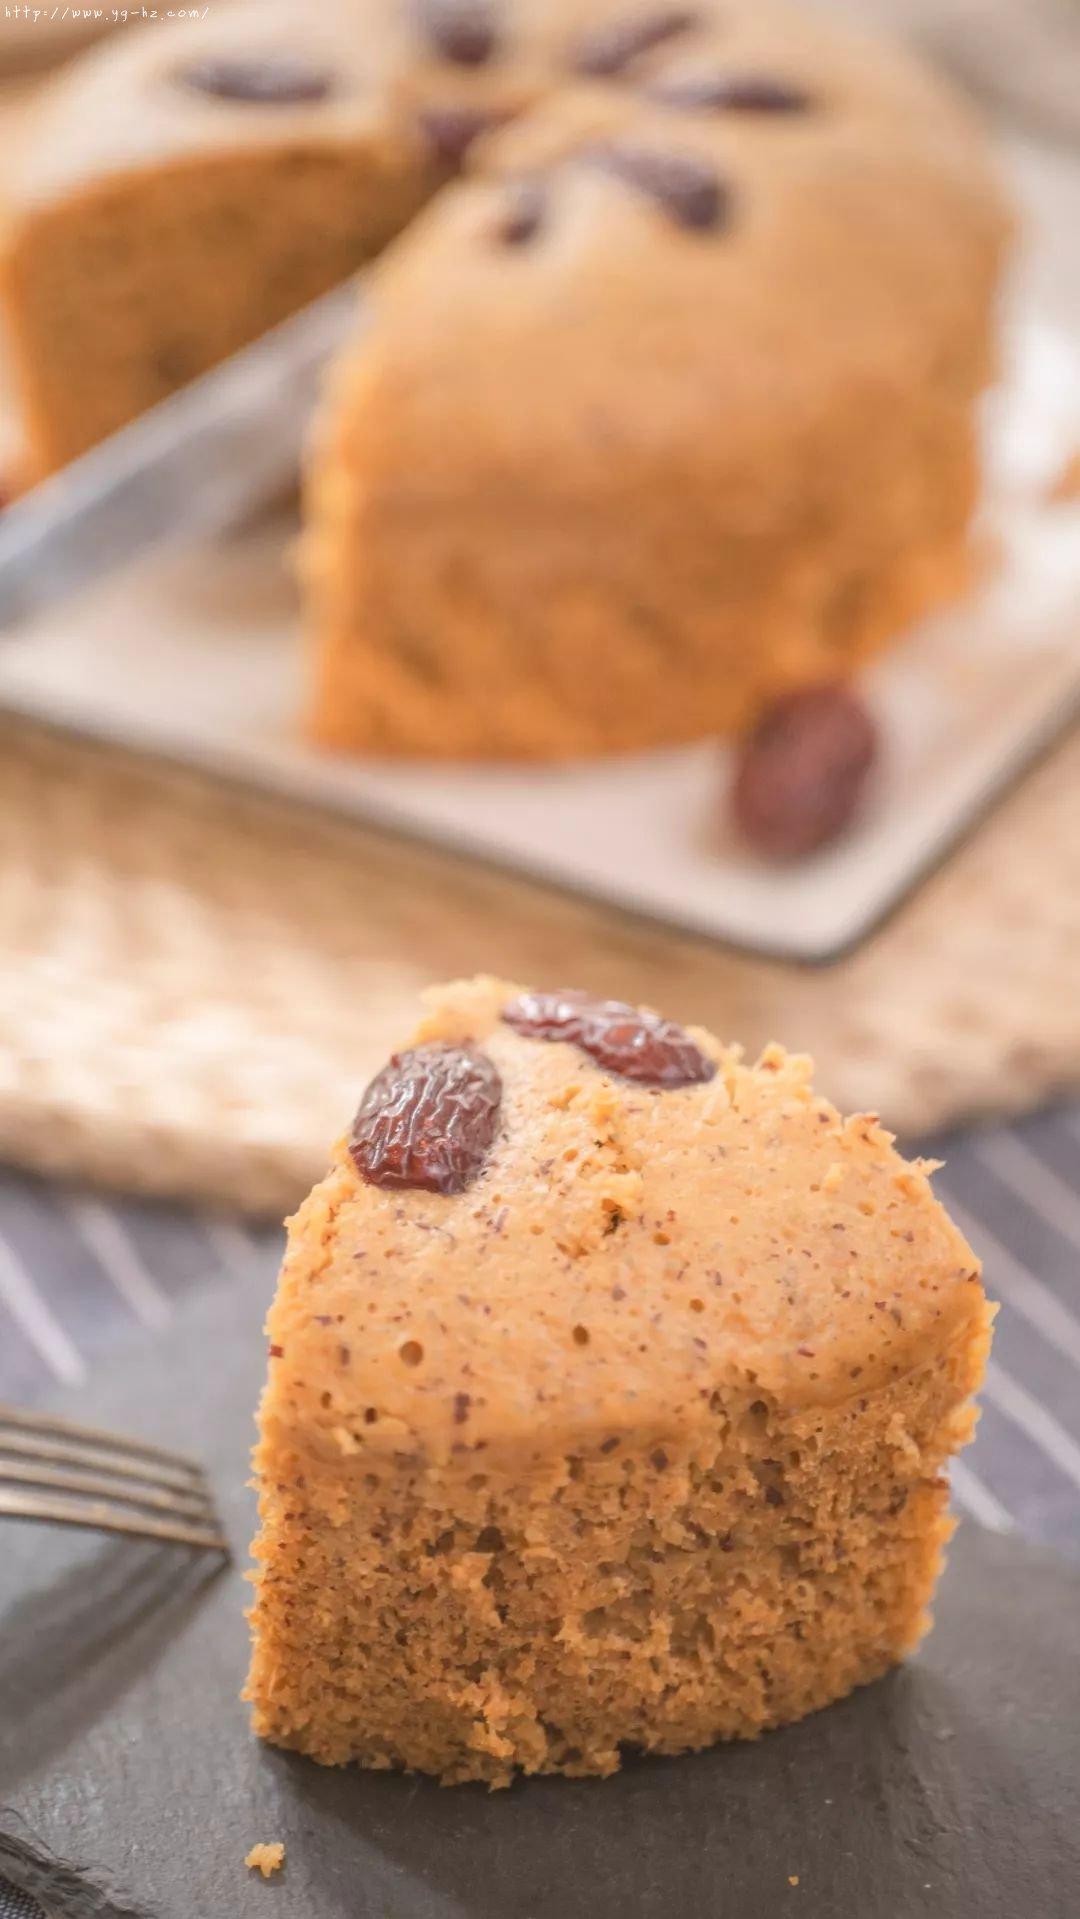 补铁、补血、香甜蓬松的红枣发糕,不需揉面,蒸一蒸就可以了的做法 步骤21